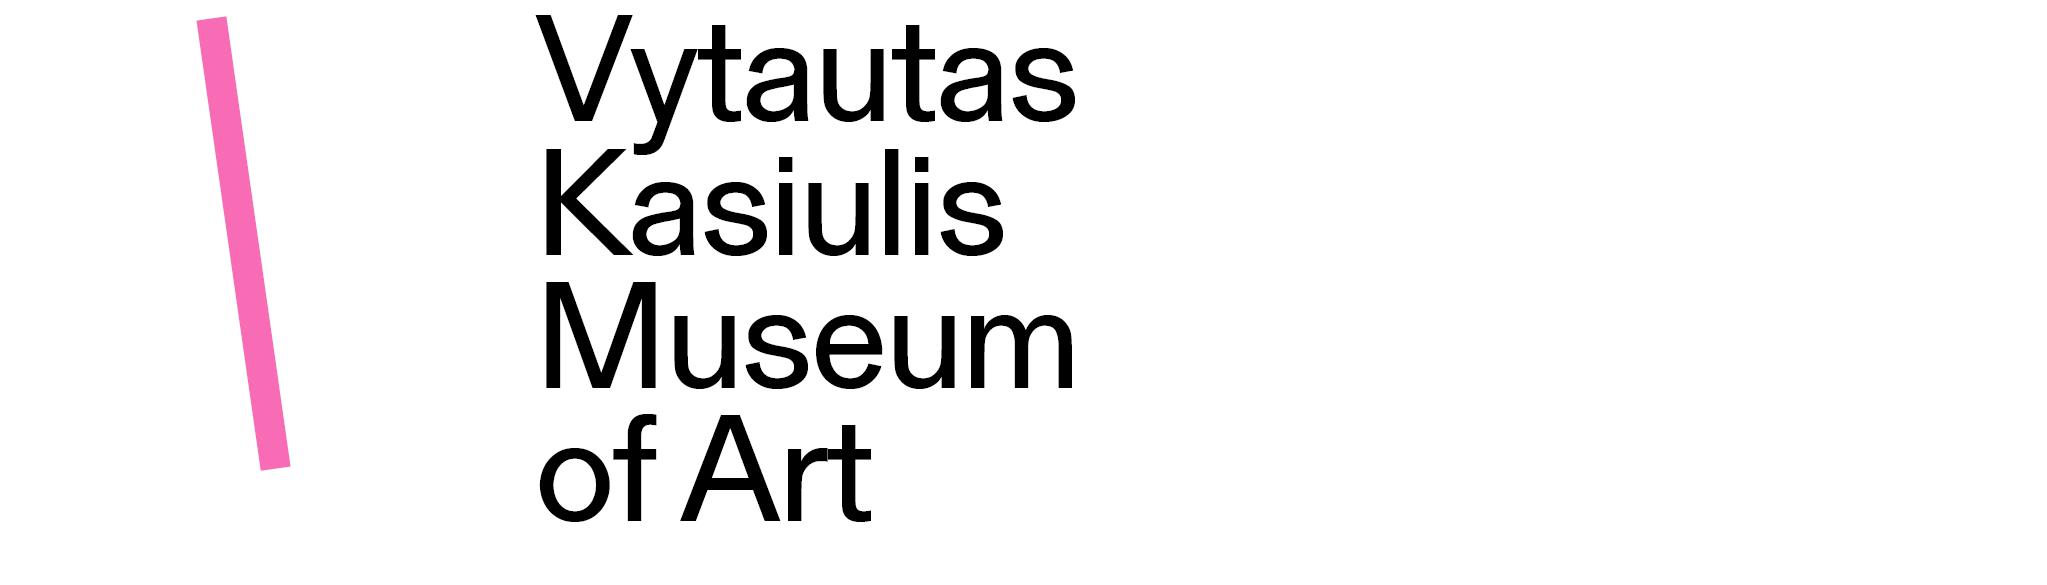 Vytautas Kasiulis Museum of Art